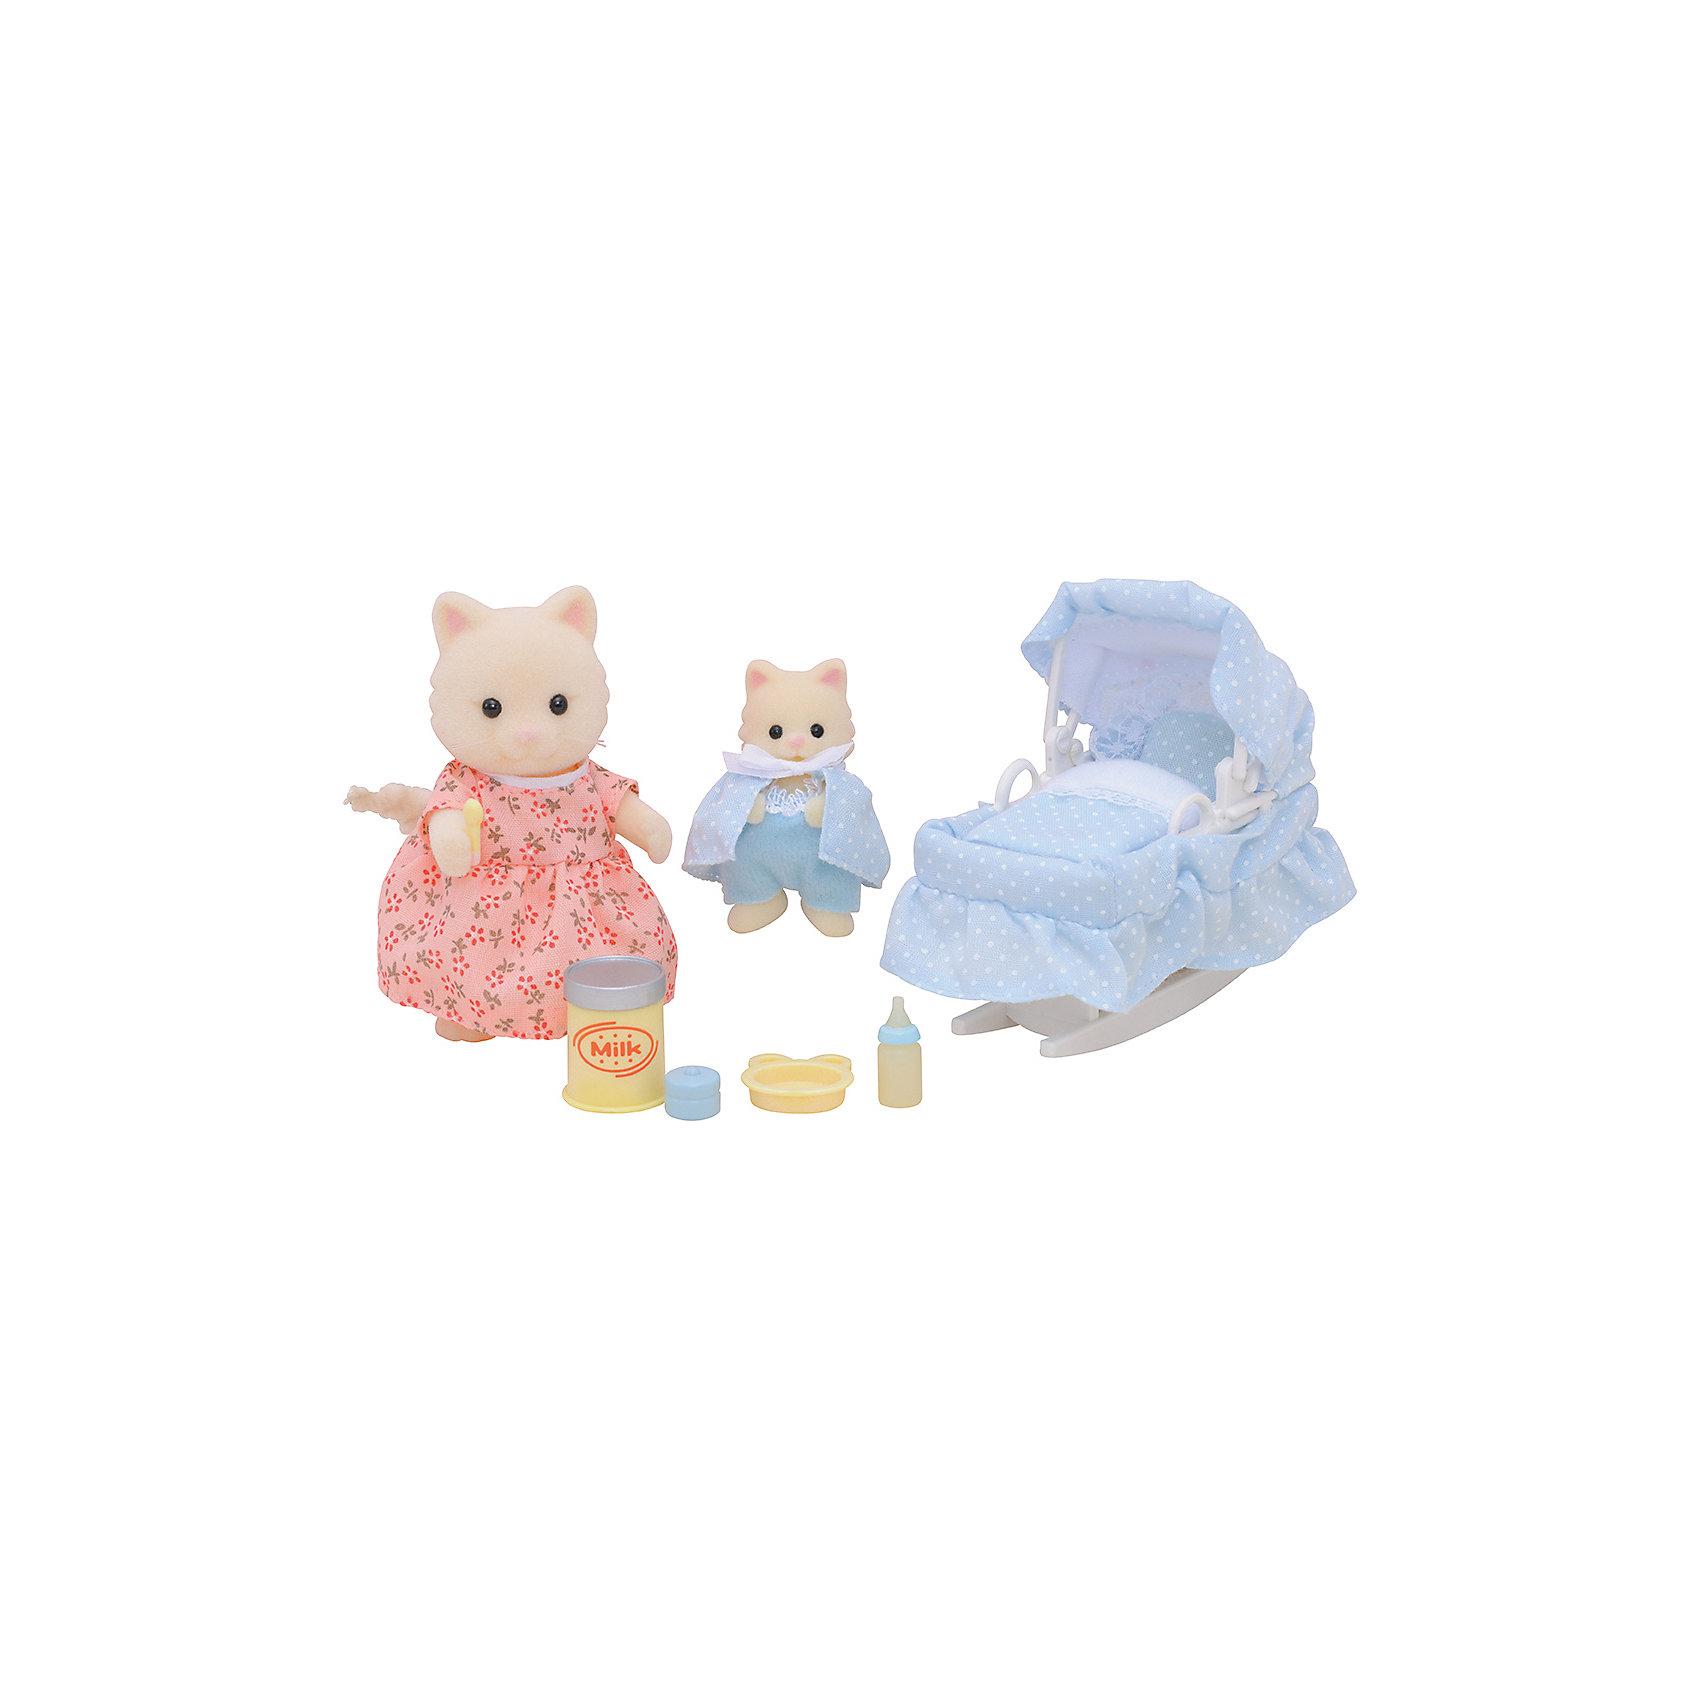 Набор Мама с малышом и колыбелькой Sylvanian FamiliesМама с малышом и колыбелькой от Sylvanian Families. <br><br>Мама-кошечка заботится о своём малыше и старается, чтобы его сон ничего не потревожило. Поэтому она одевает малыша в нарядную пижамку и укладывает спать в уютную колыбельку. <br><br>Мама-кошечка одета в розовое платье, сама кошечка белого цвета. Пушистый и длинный хвостик гнётся в разные стороны. Ручки, ножки и голова двигаются. <br><br>На котёнке комбинезон и светло-голубая накидка. Одежду можно легко снять и надеть снова. <br><br>Колыбель состоит из постельных принадлежностей и подставки, чтобы колыбель можно было качать. <br><br>Мама-кошка также может кормить своего малыша, потому что в набор входят детские столовые приборы, молоко и другие аксессуары. <br><br>Дополнительная информация:<br><br>В набор входят:<br><br>- мама-кошка (8 см);<br>- котёнок (5 см);<br>- колыбель;<br>- одеяло и матрас;<br>- бутылочка;<br>- тарелочка;<br>- банка молока;<br>- ложка. <br><br>Размер упаковки (д/ш/в): 20 х 15 х 5,5 см. <br><br>Материал: текстиль, ПВХ с полимерным напылением, пластмасса.<br><br>Этот набор обязательно порадует Вашего ребёнка, ведь теперь он сможет разыгрывать сценки из собственной жизни! Набор также способствует развитию фантазии и навыков общения.<br><br>Ширина мм: 202<br>Глубина мм: 175<br>Высота мм: 63<br>Вес г: 126<br>Возраст от месяцев: 36<br>Возраст до месяцев: 72<br>Пол: Женский<br>Возраст: Детский<br>SKU: 2226655